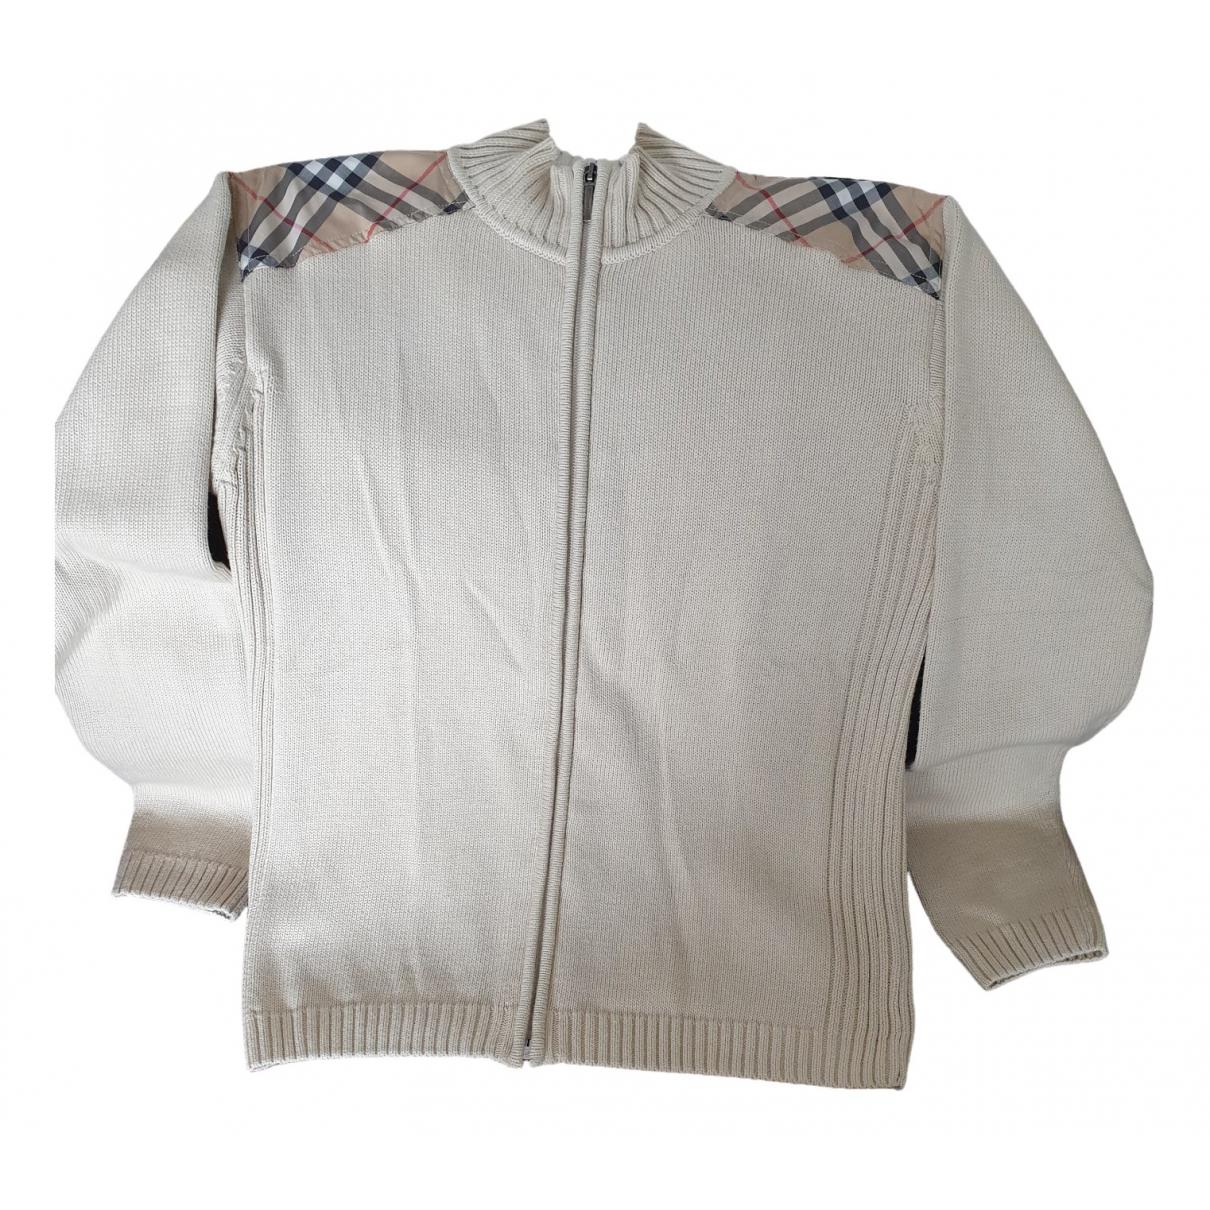 Burberry - Pull   pour femme en coton - beige